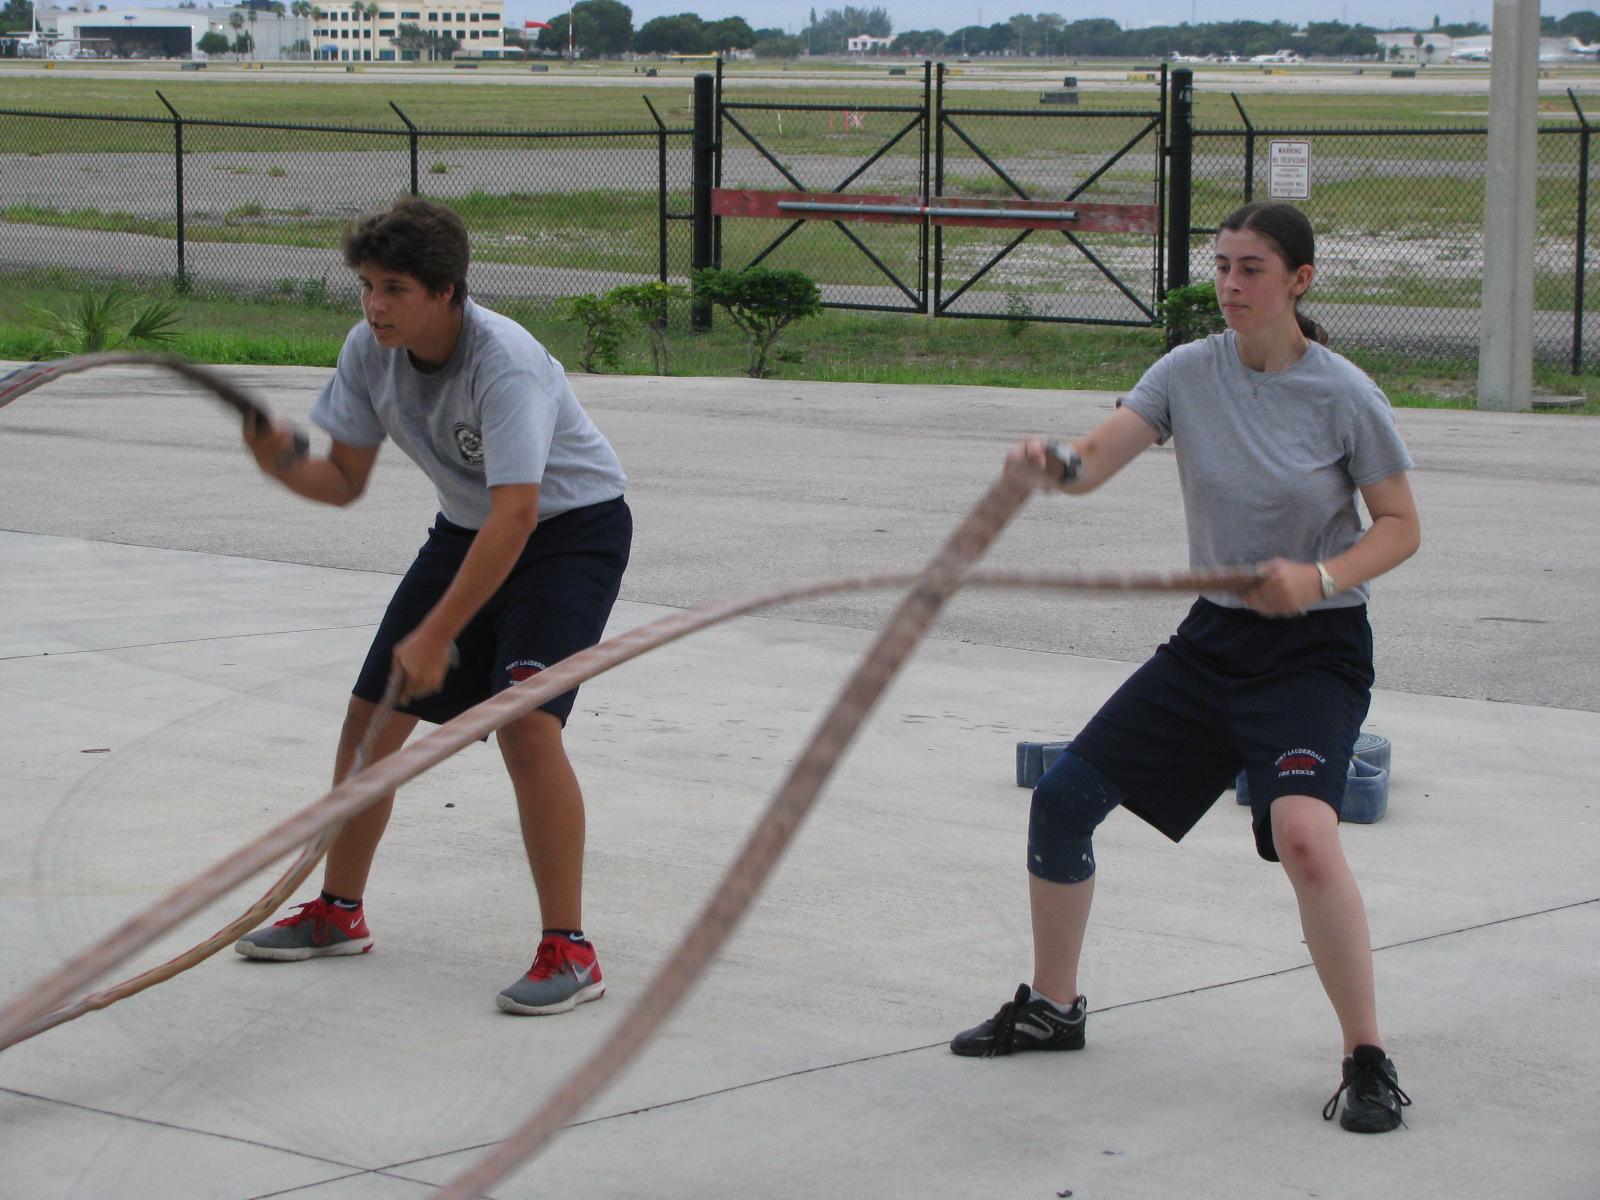 Expl hose whips 1